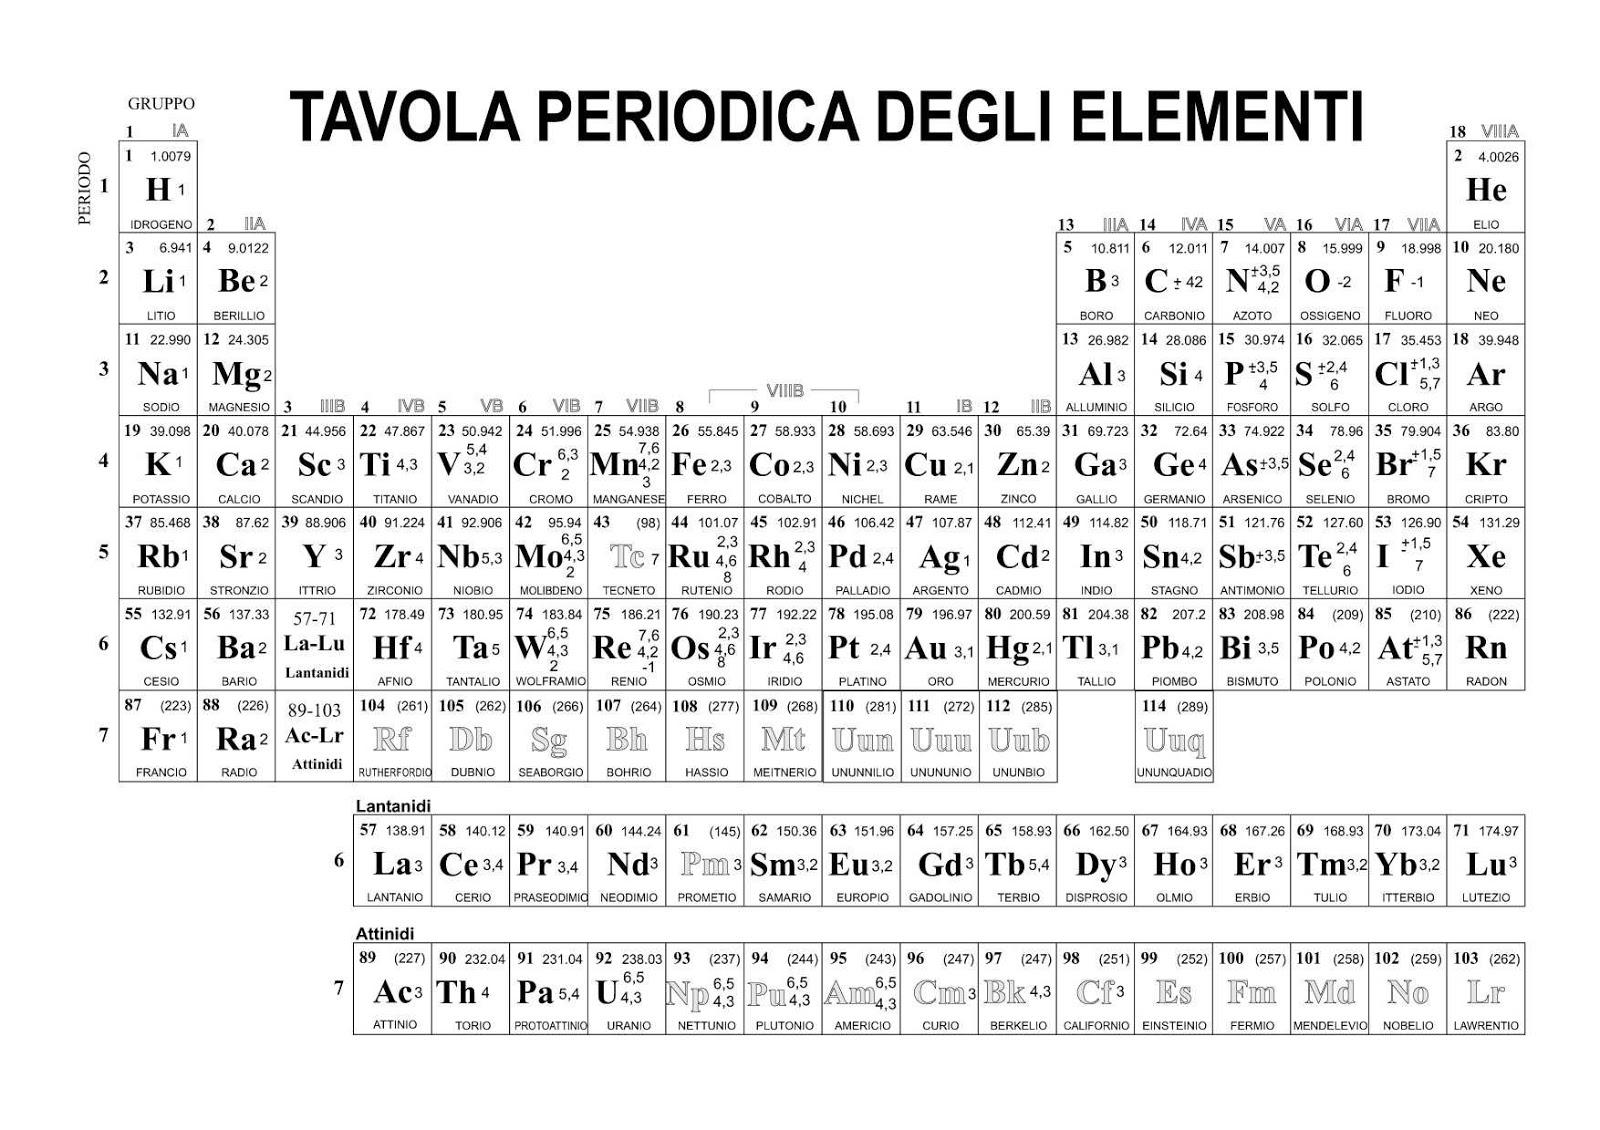 The chemistry of elements tavola periodica degli elementi - Tavola numeri di ossidazione ...